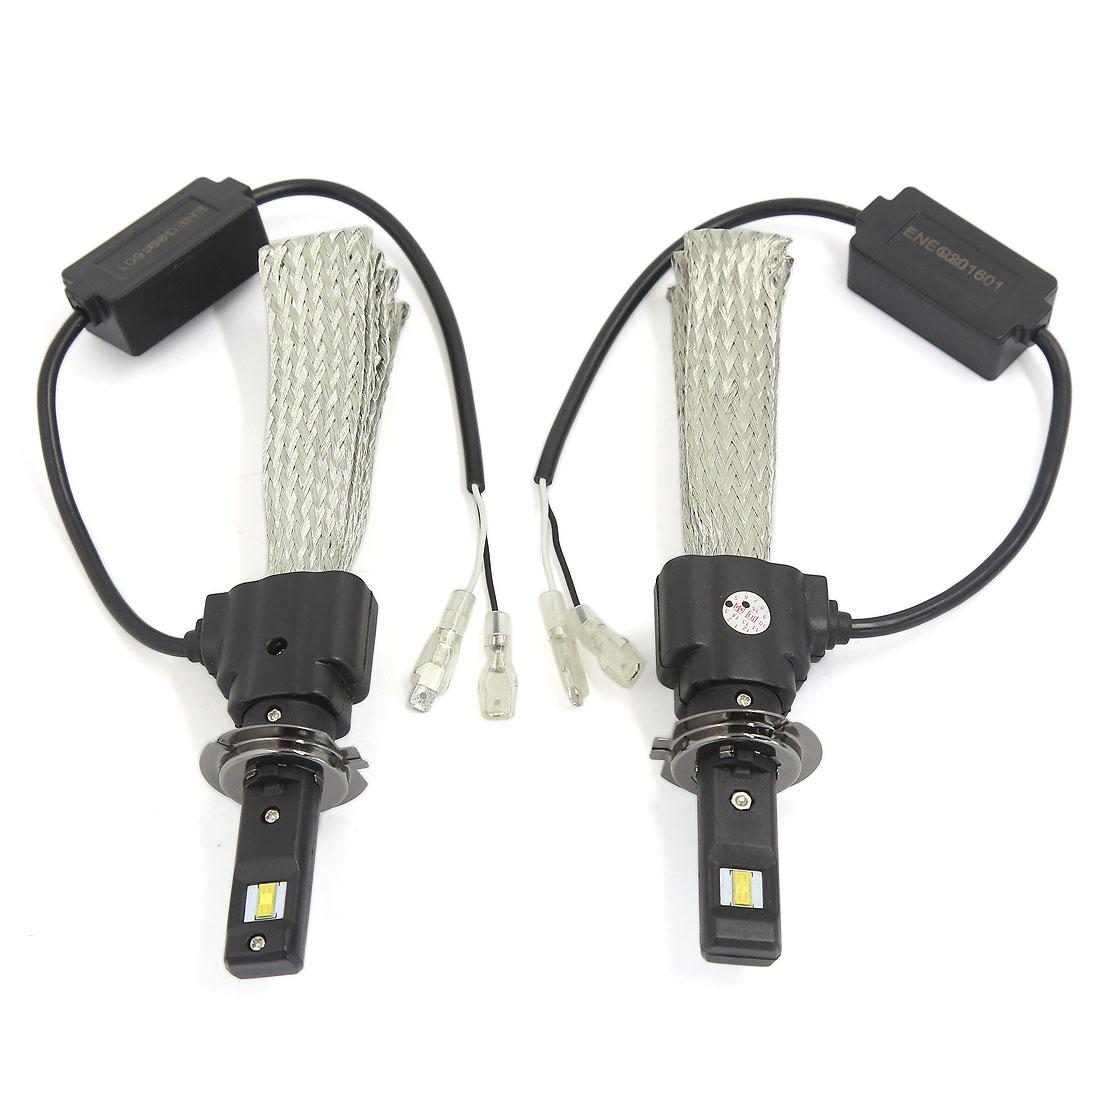 2PCS H7 6000K White 30W 3200LM LED Headlight Conversion Kit w Copper Braid